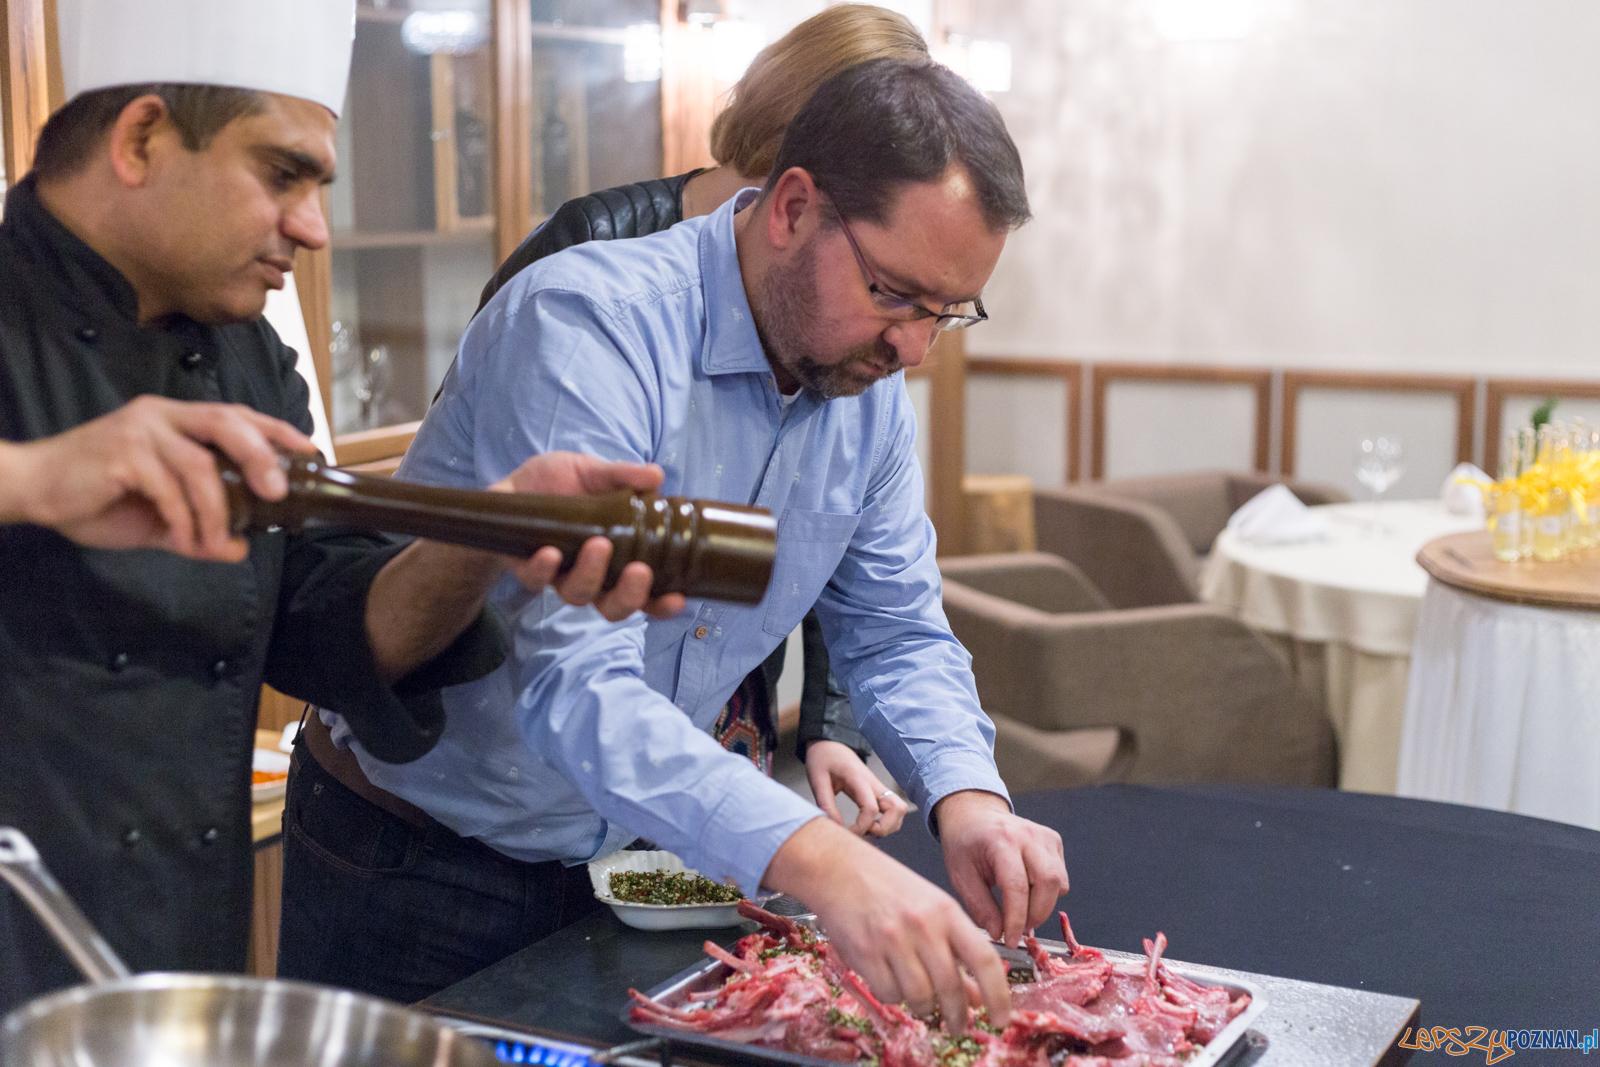 Spotkanie noworoczne w Dello Ristorante  Foto: lepszyPOZNAN.pl/Piotr Rychter